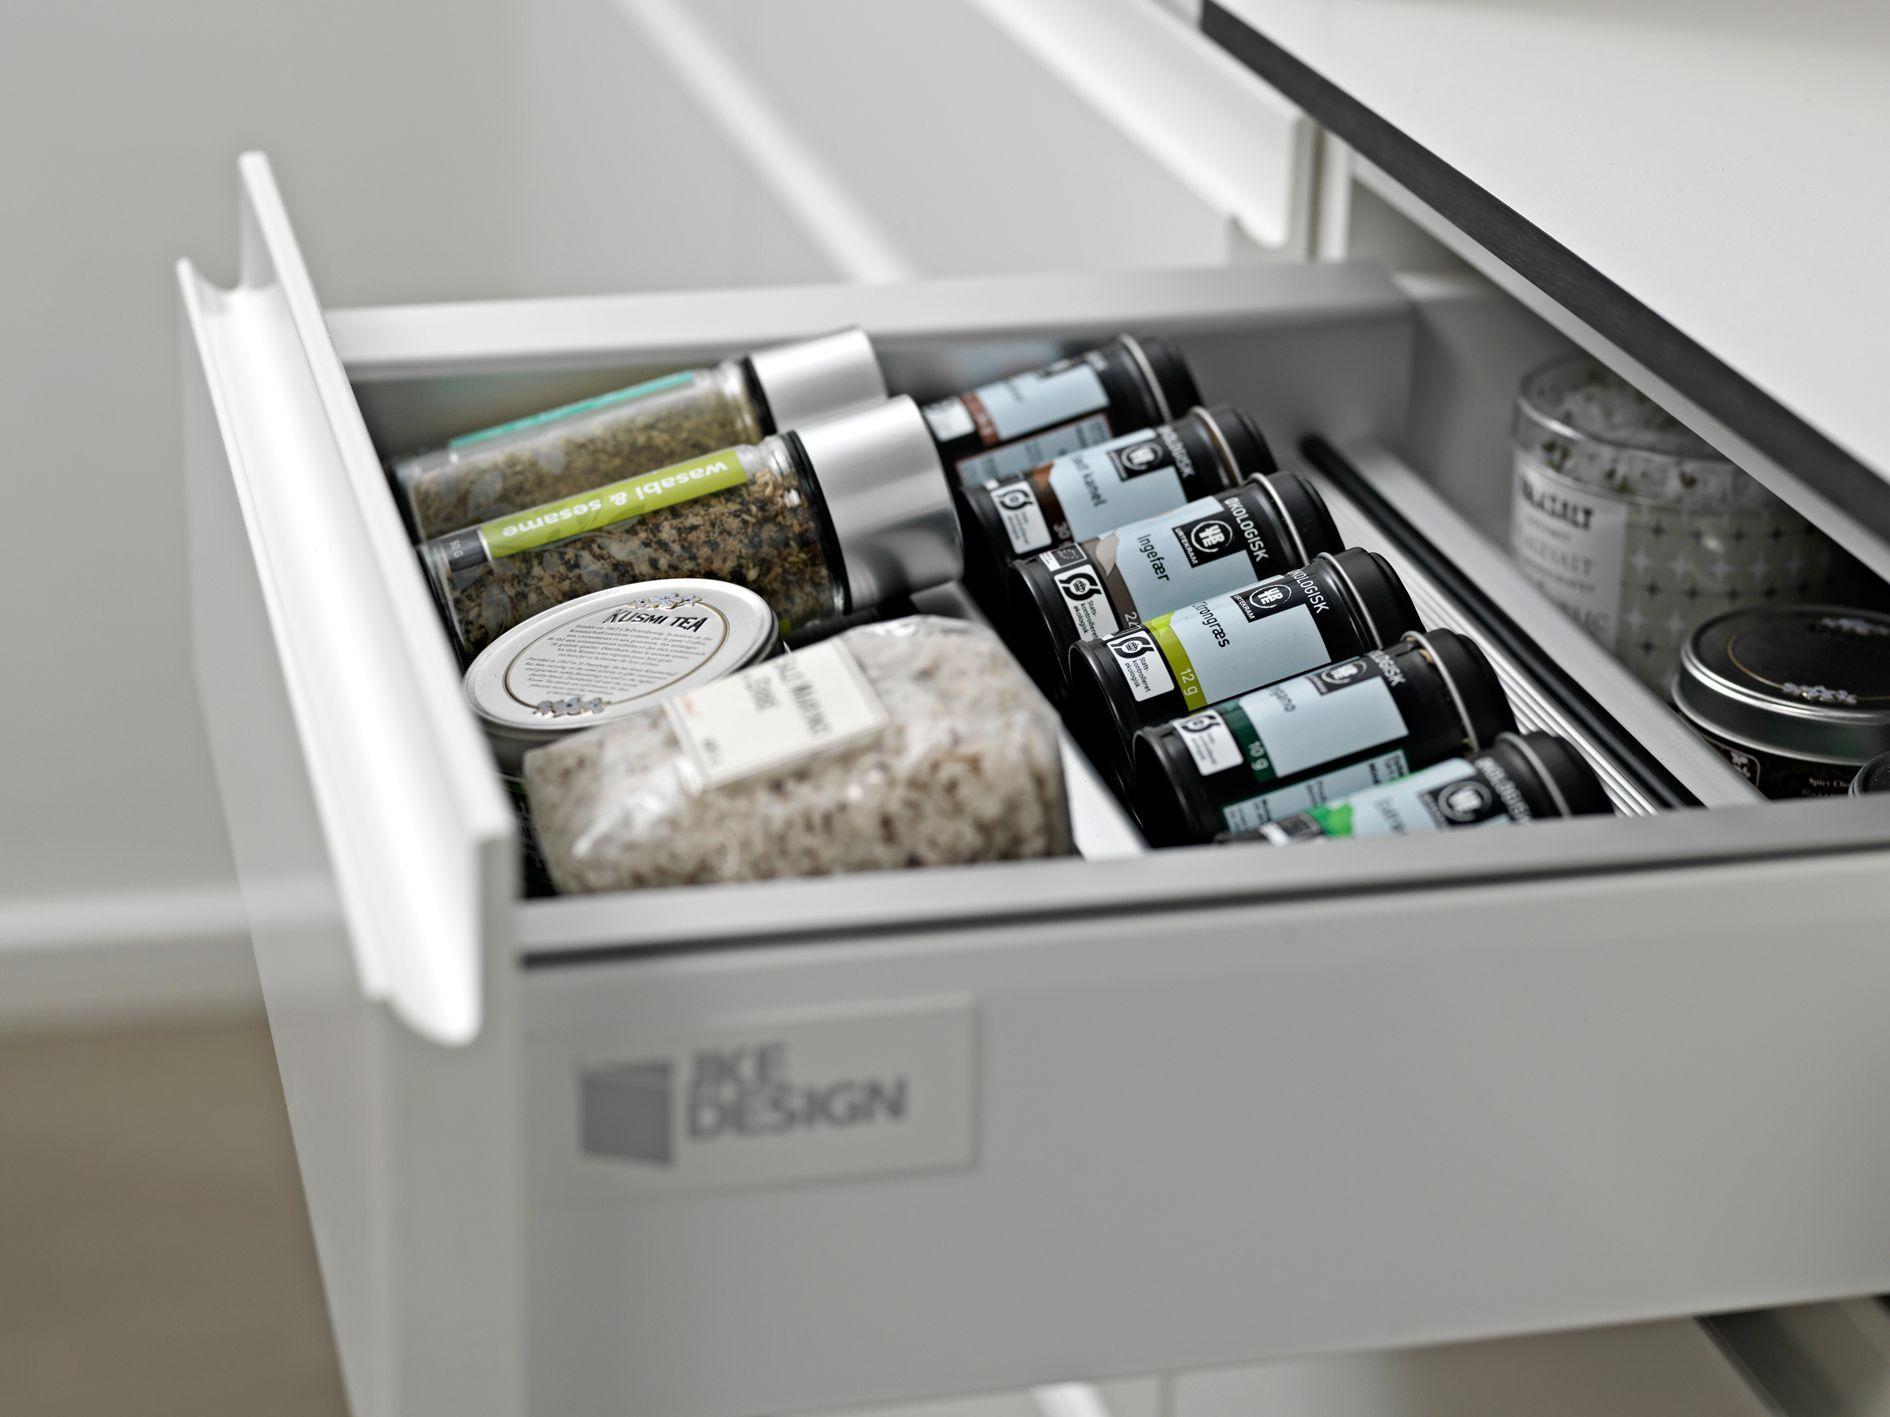 Brug indsatsen til krydderier eller brug den sammen med opladerdocken og læg dine mobiltelefoner i indsatsen, mens de bliver opladet i skuffen. Så undgår du virvaret af ledninger og opladere på køkkenbordet.